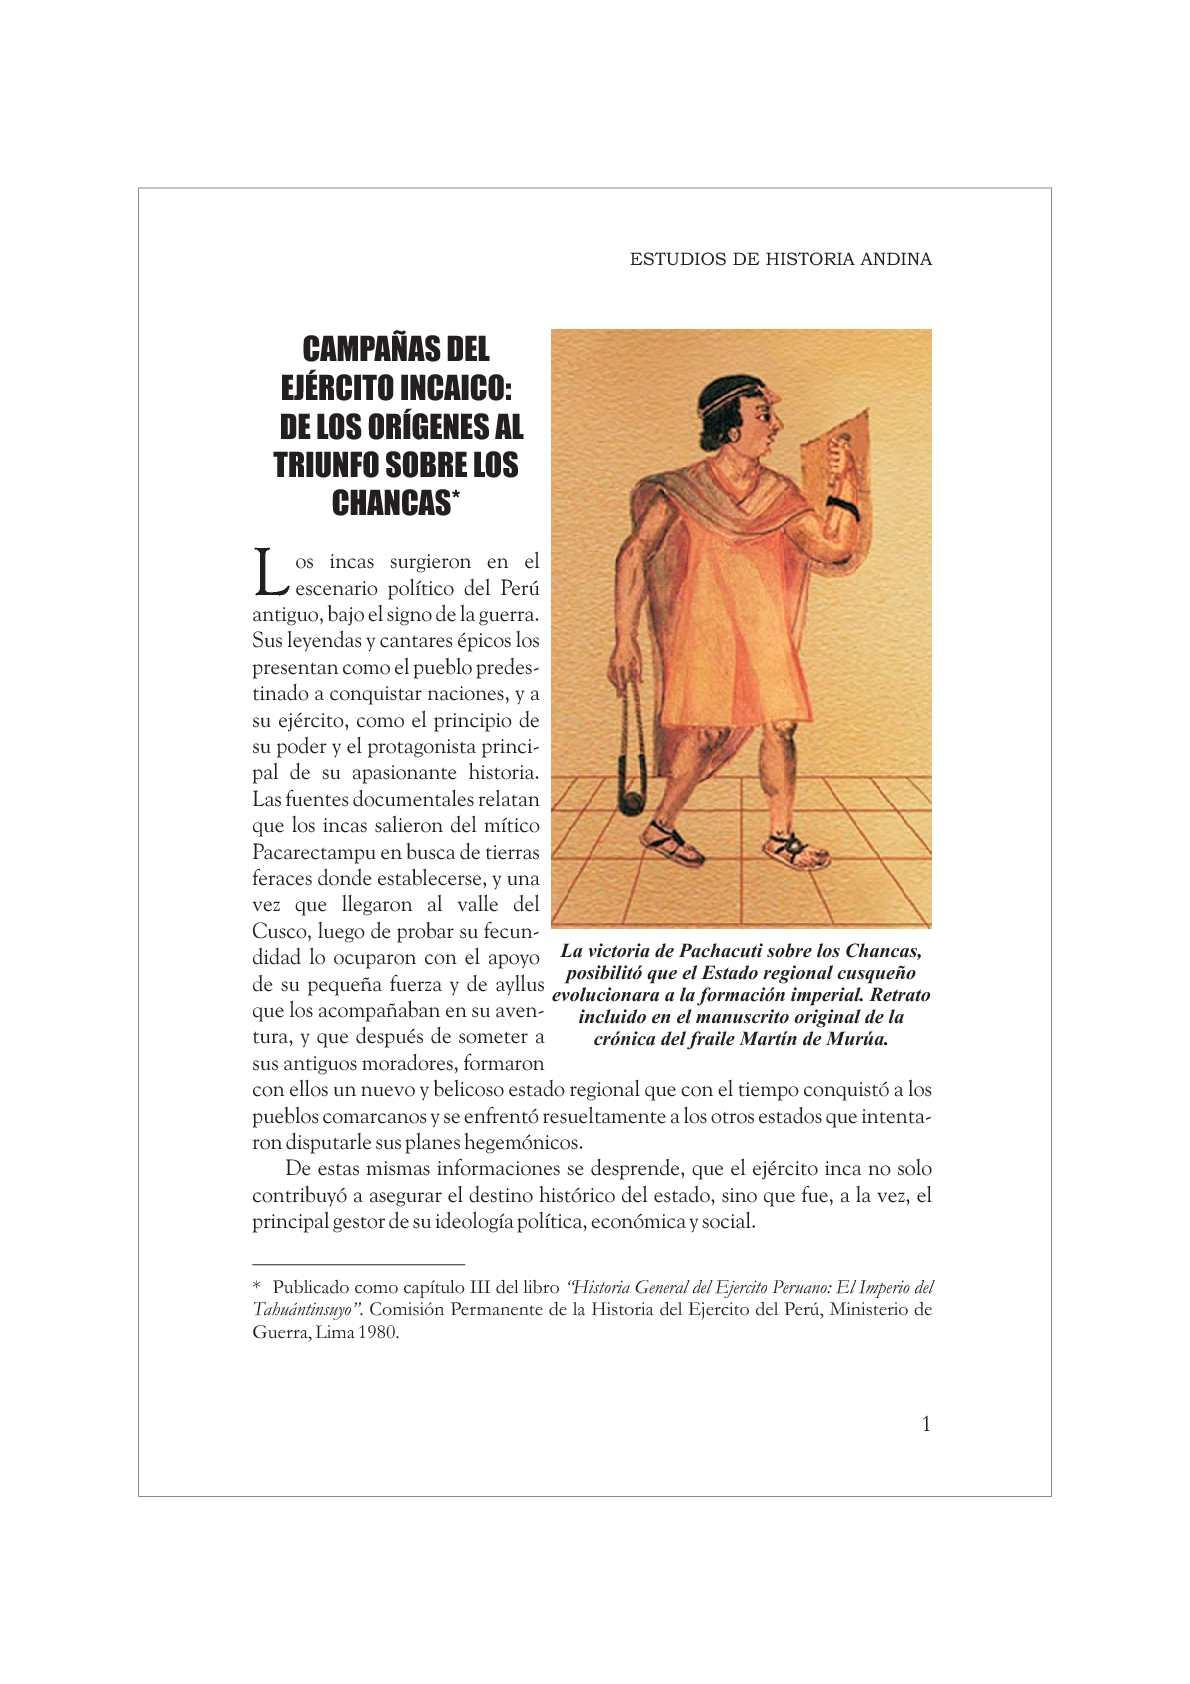 CAMPAÑAS DEL EJERCITO INKA: DE LOS ORIGENES AL TRIUNFO SOBRE LOS CHANKAS